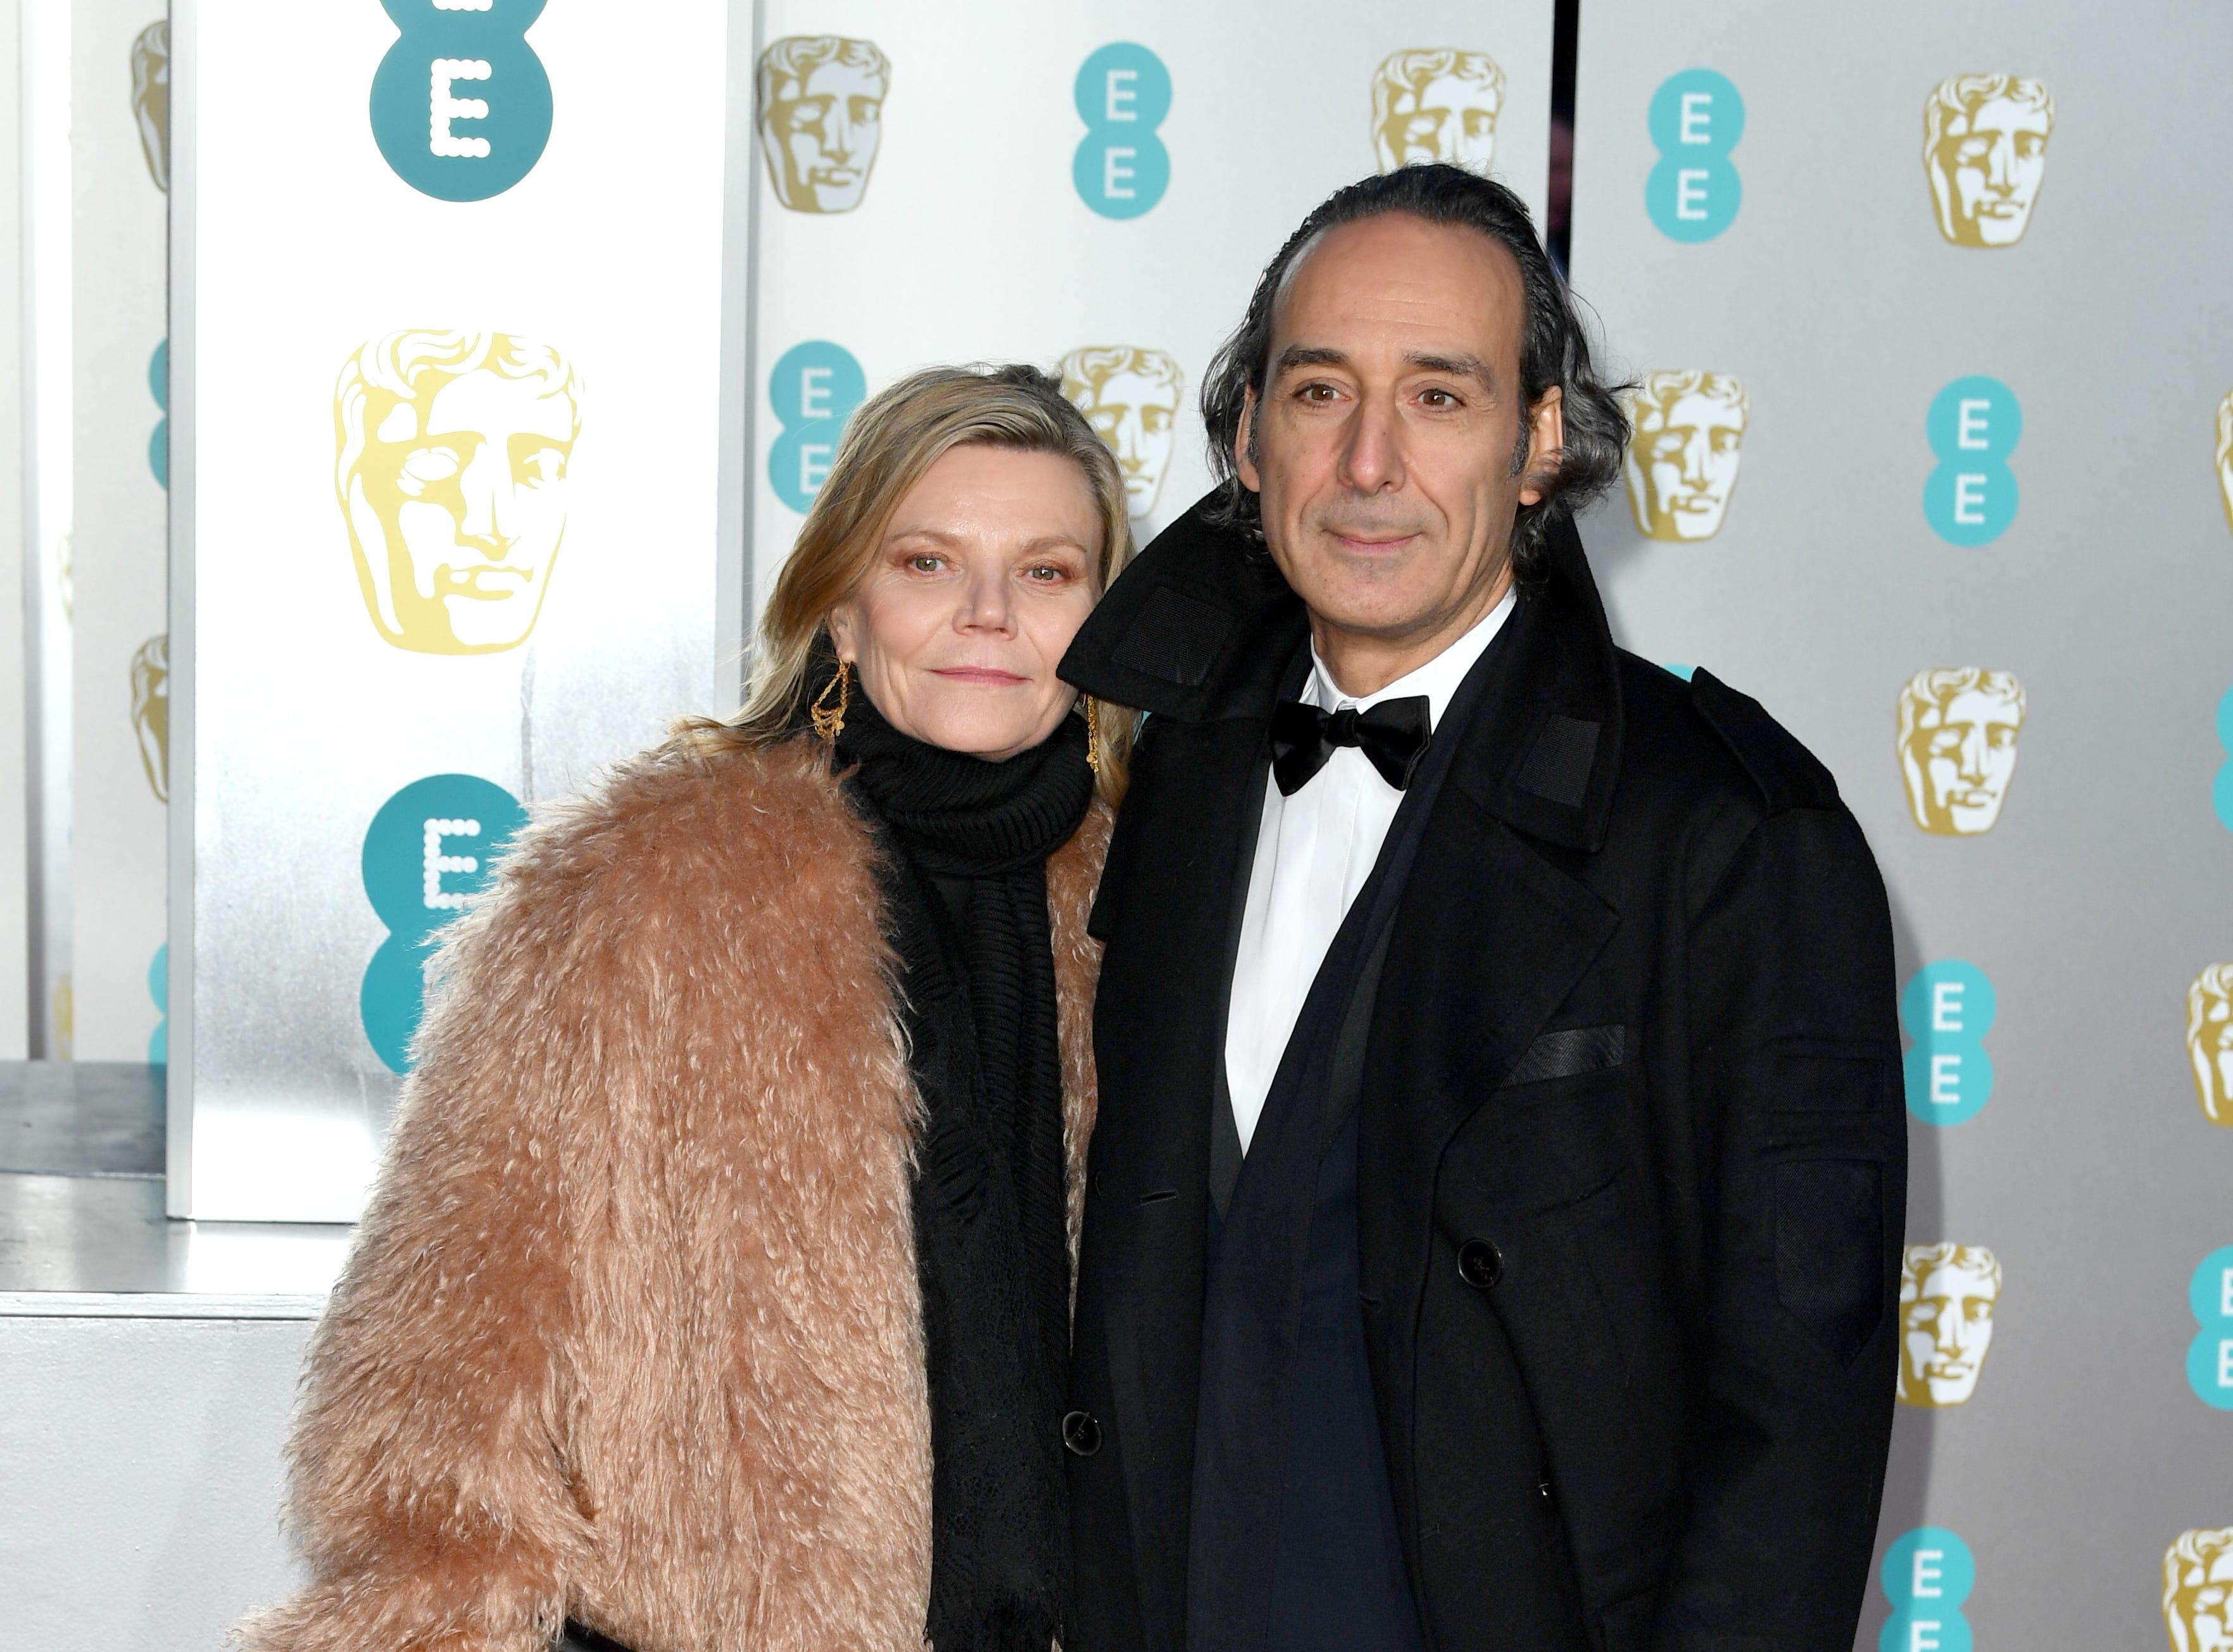 Alexandre Desplat  y Dominique Lemonnier a su llegada a la alfombra roja de los Premios de la Academia Británica de Cine BAFTA en el Royal Albert Hall en Londres el 10 de febrero de 2019.